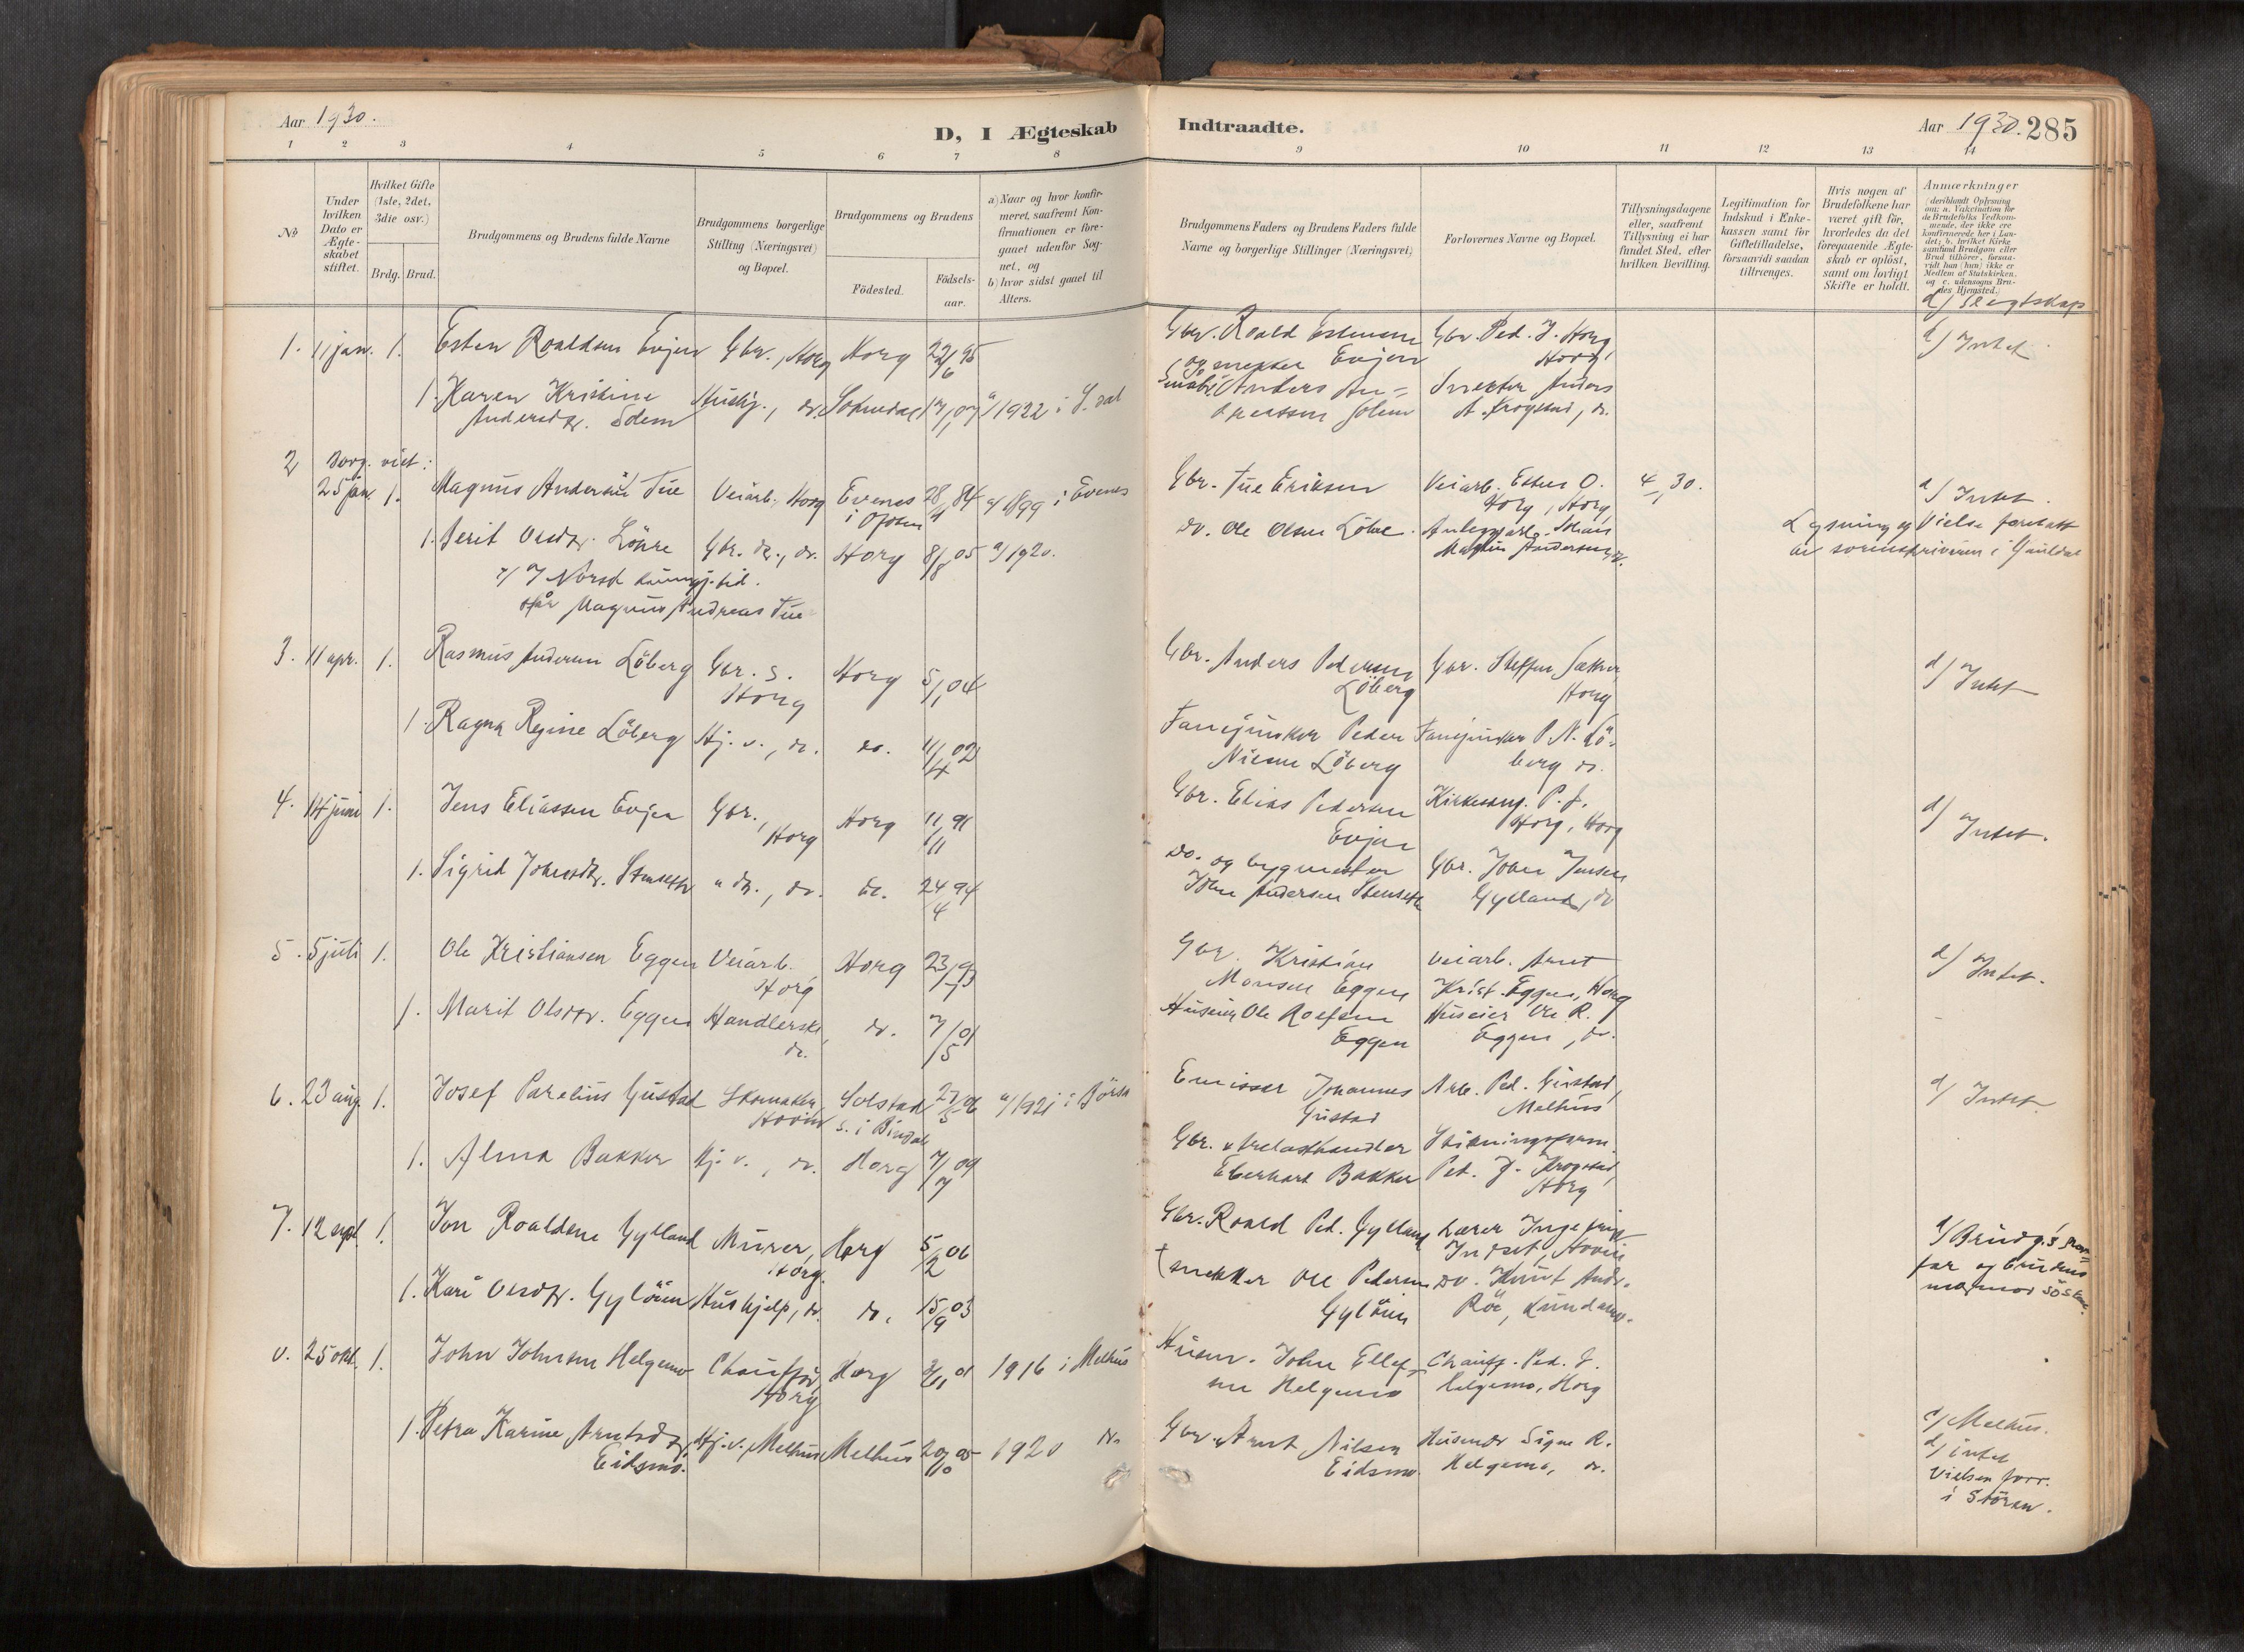 SAT, Ministerialprotokoller, klokkerbøker og fødselsregistre - Sør-Trøndelag, 692/L1105b: Ministerialbok nr. 692A06, 1891-1934, s. 285